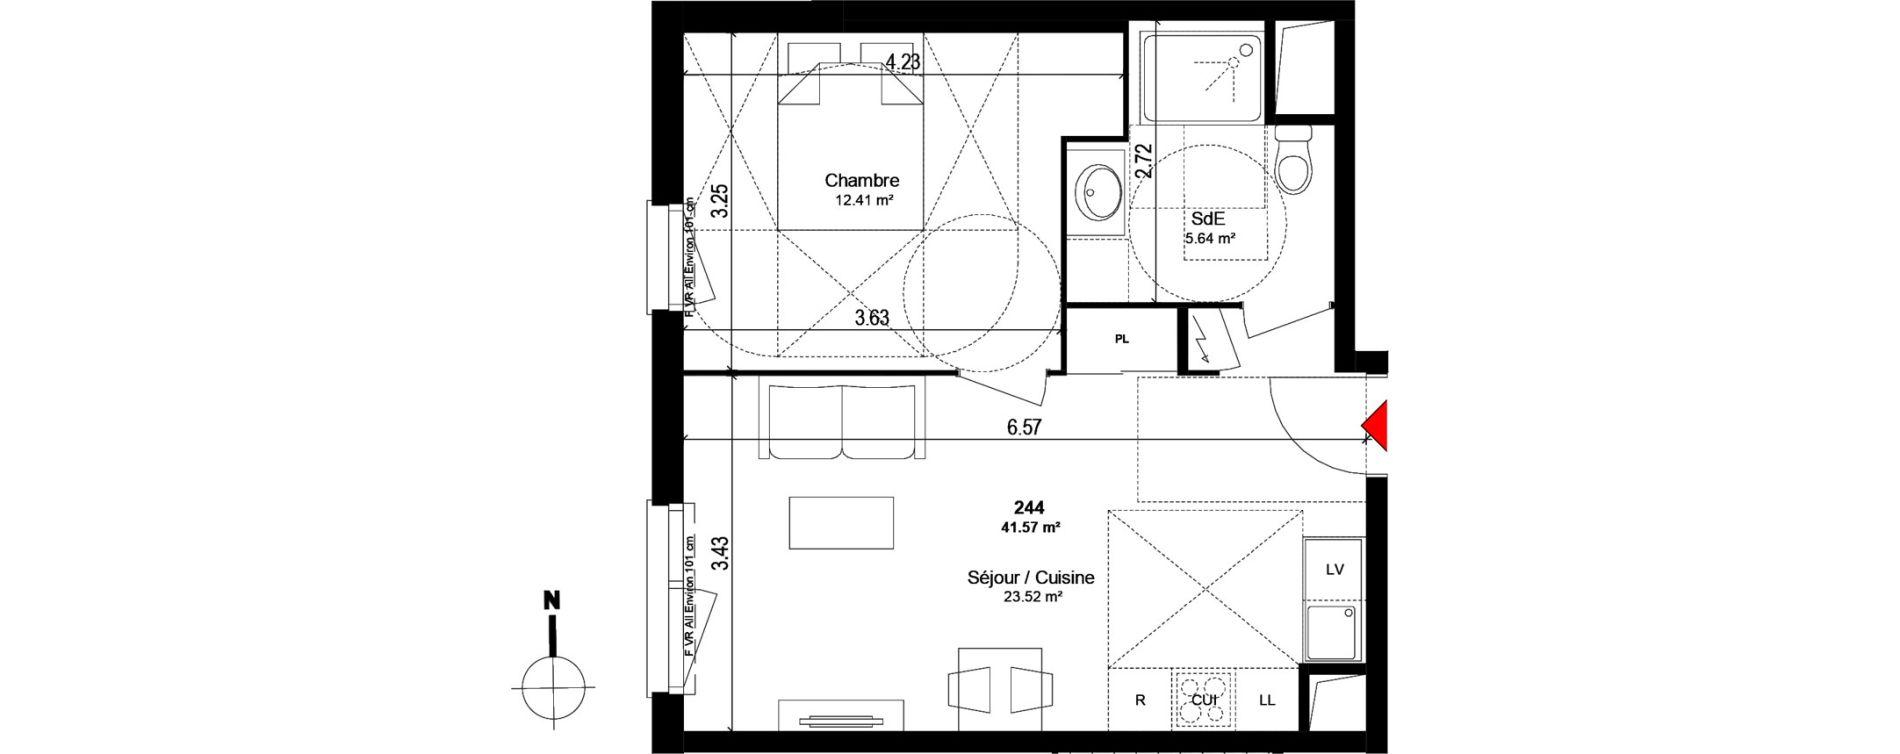 Appartement T2 de 41,52 m2 à Trappes Centre